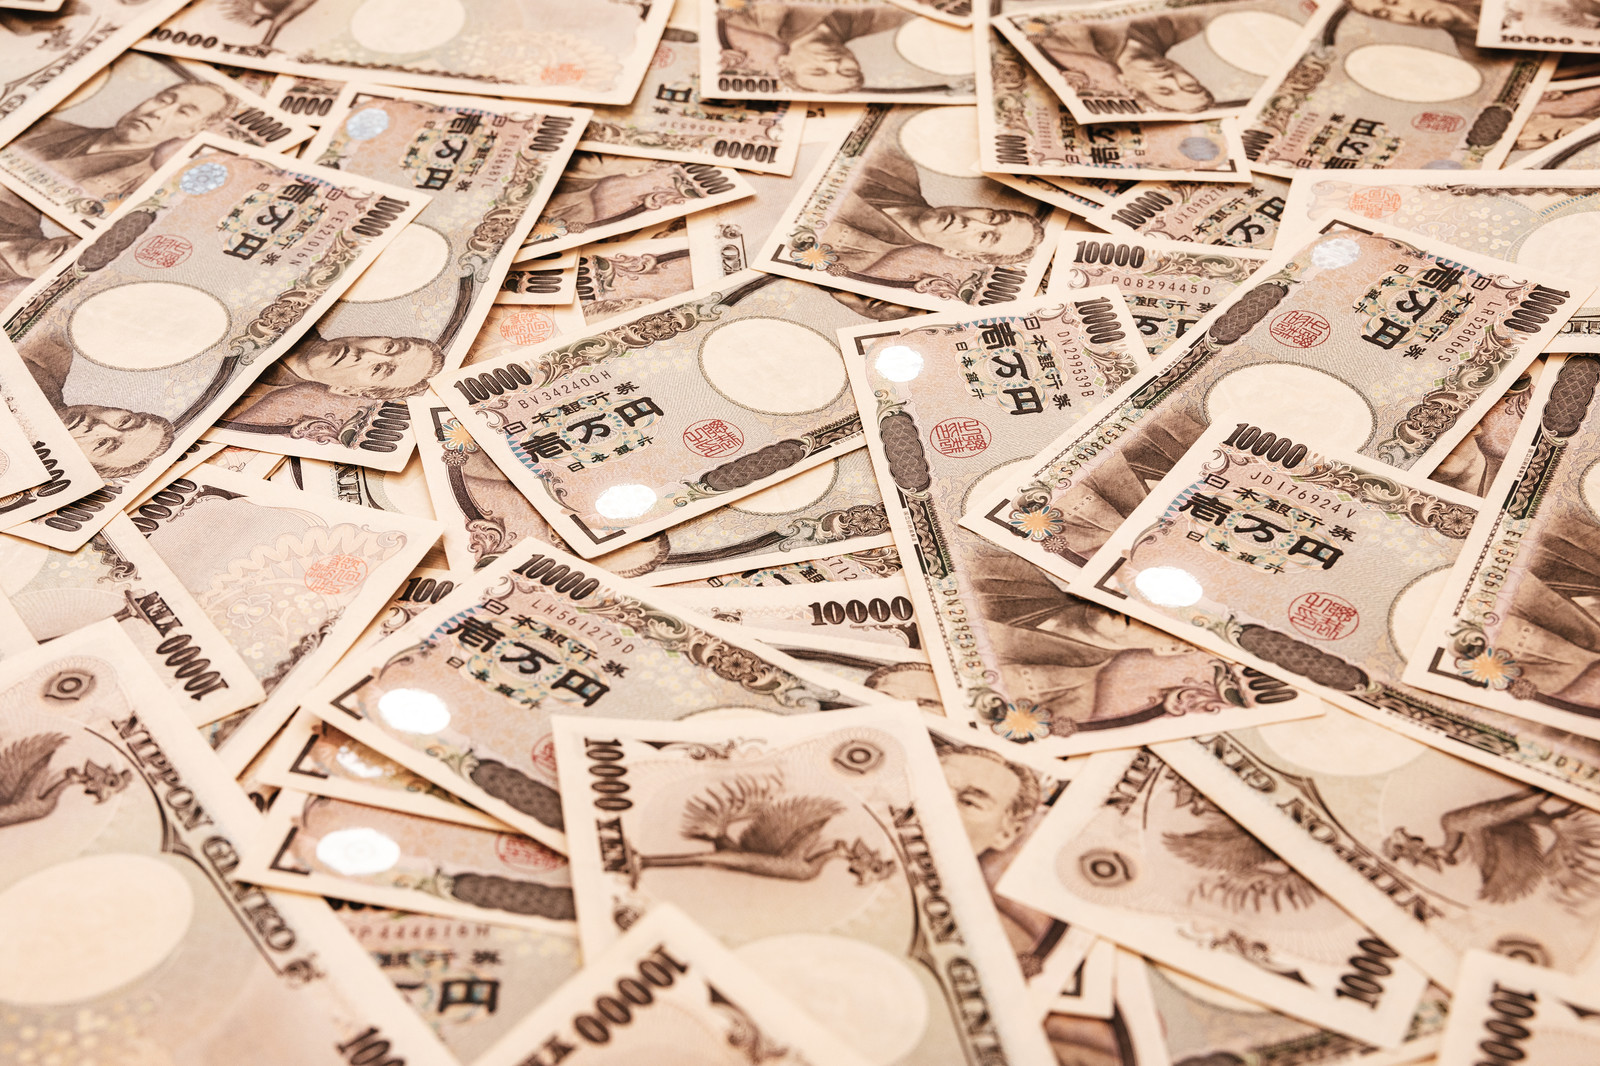 「10000円 フリー素材」の画像検索結果